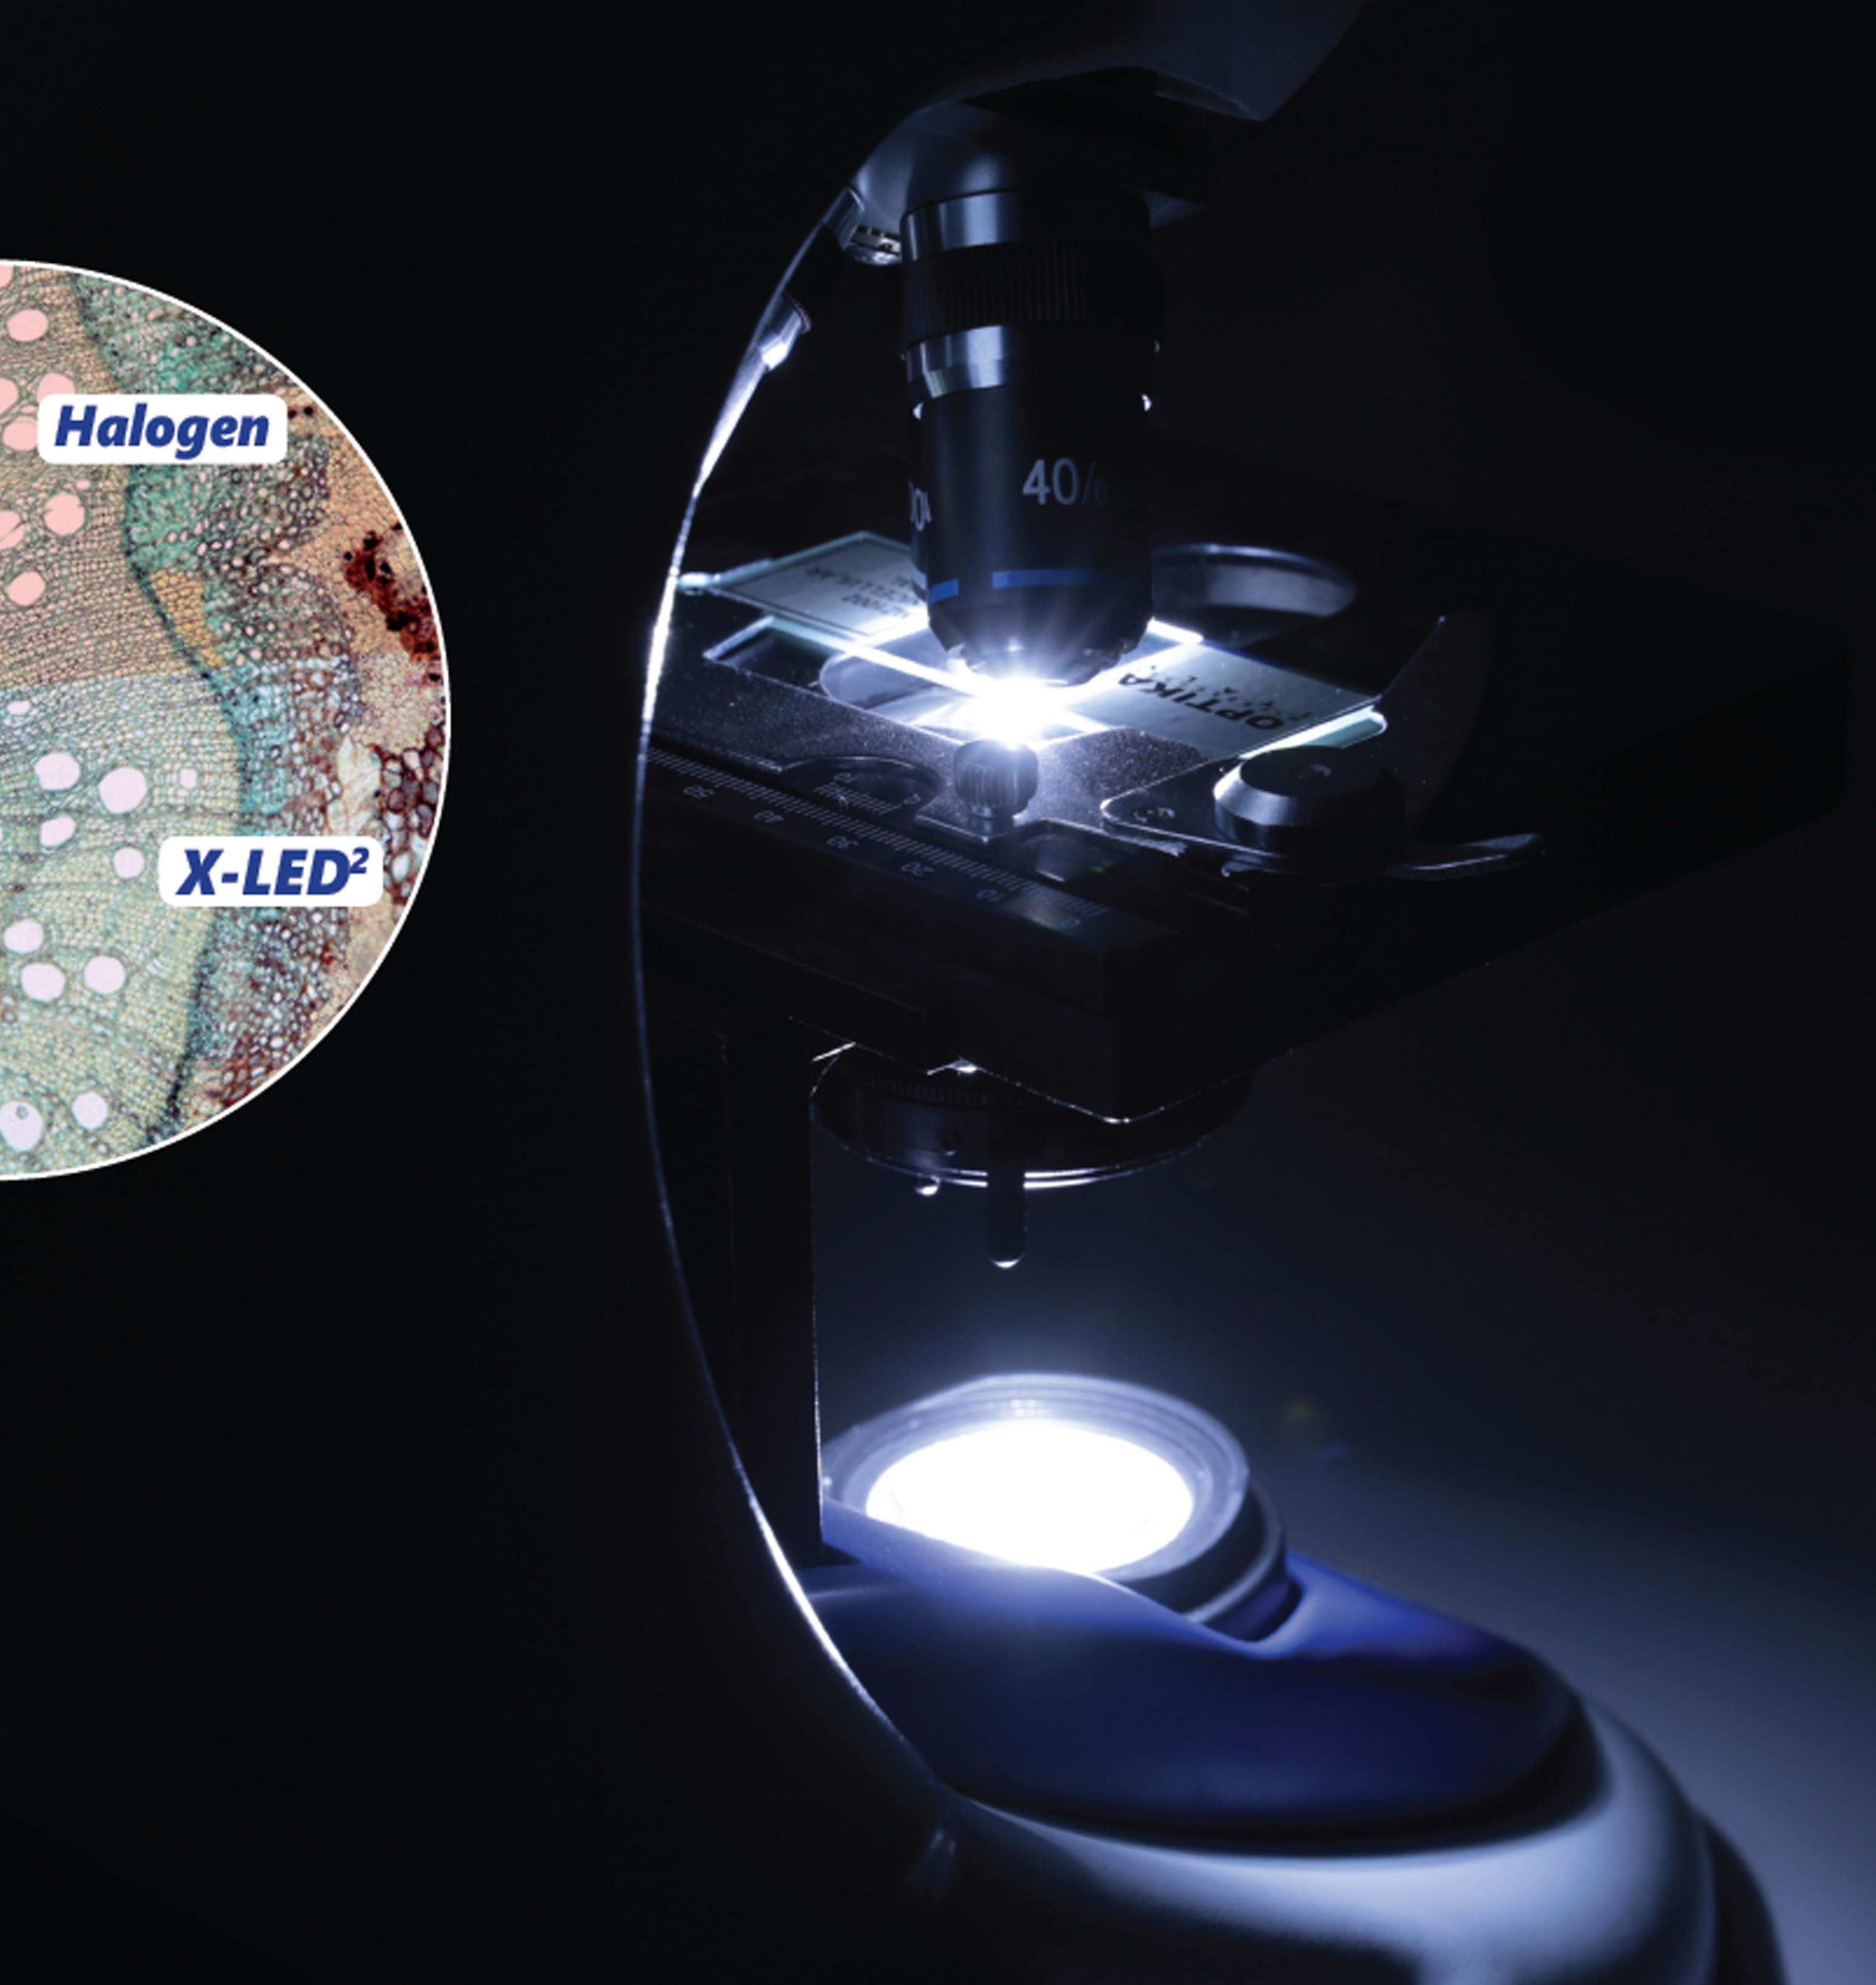 Porównanie oświetlenia LED z halogenem w mikroskopie Optika